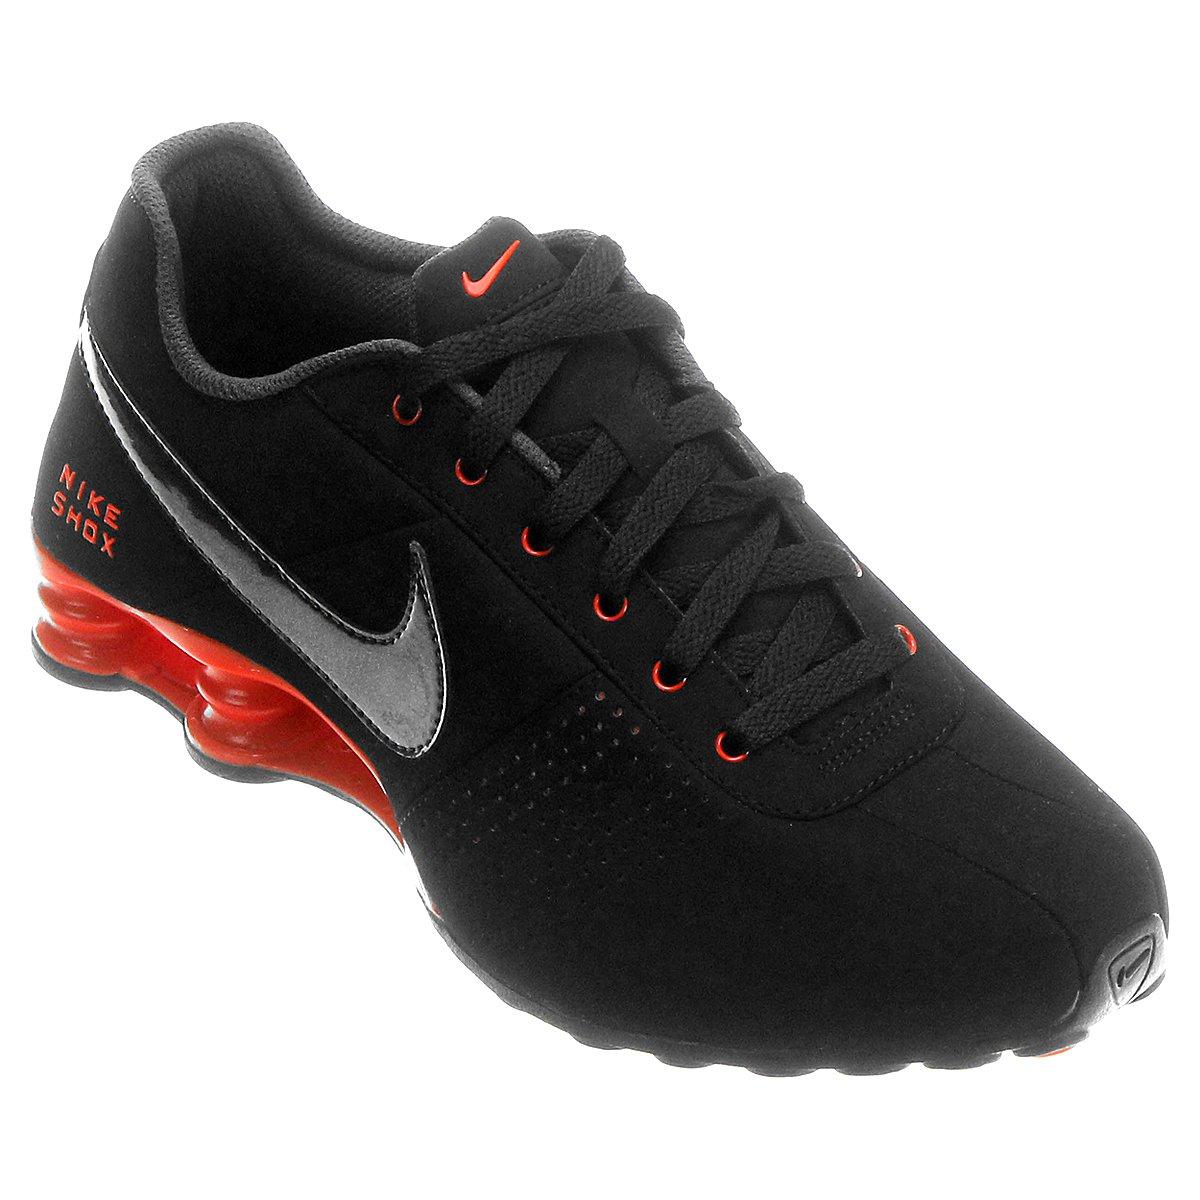 74f35960623 Tênis Nike Shox Deliver - Compre Agora